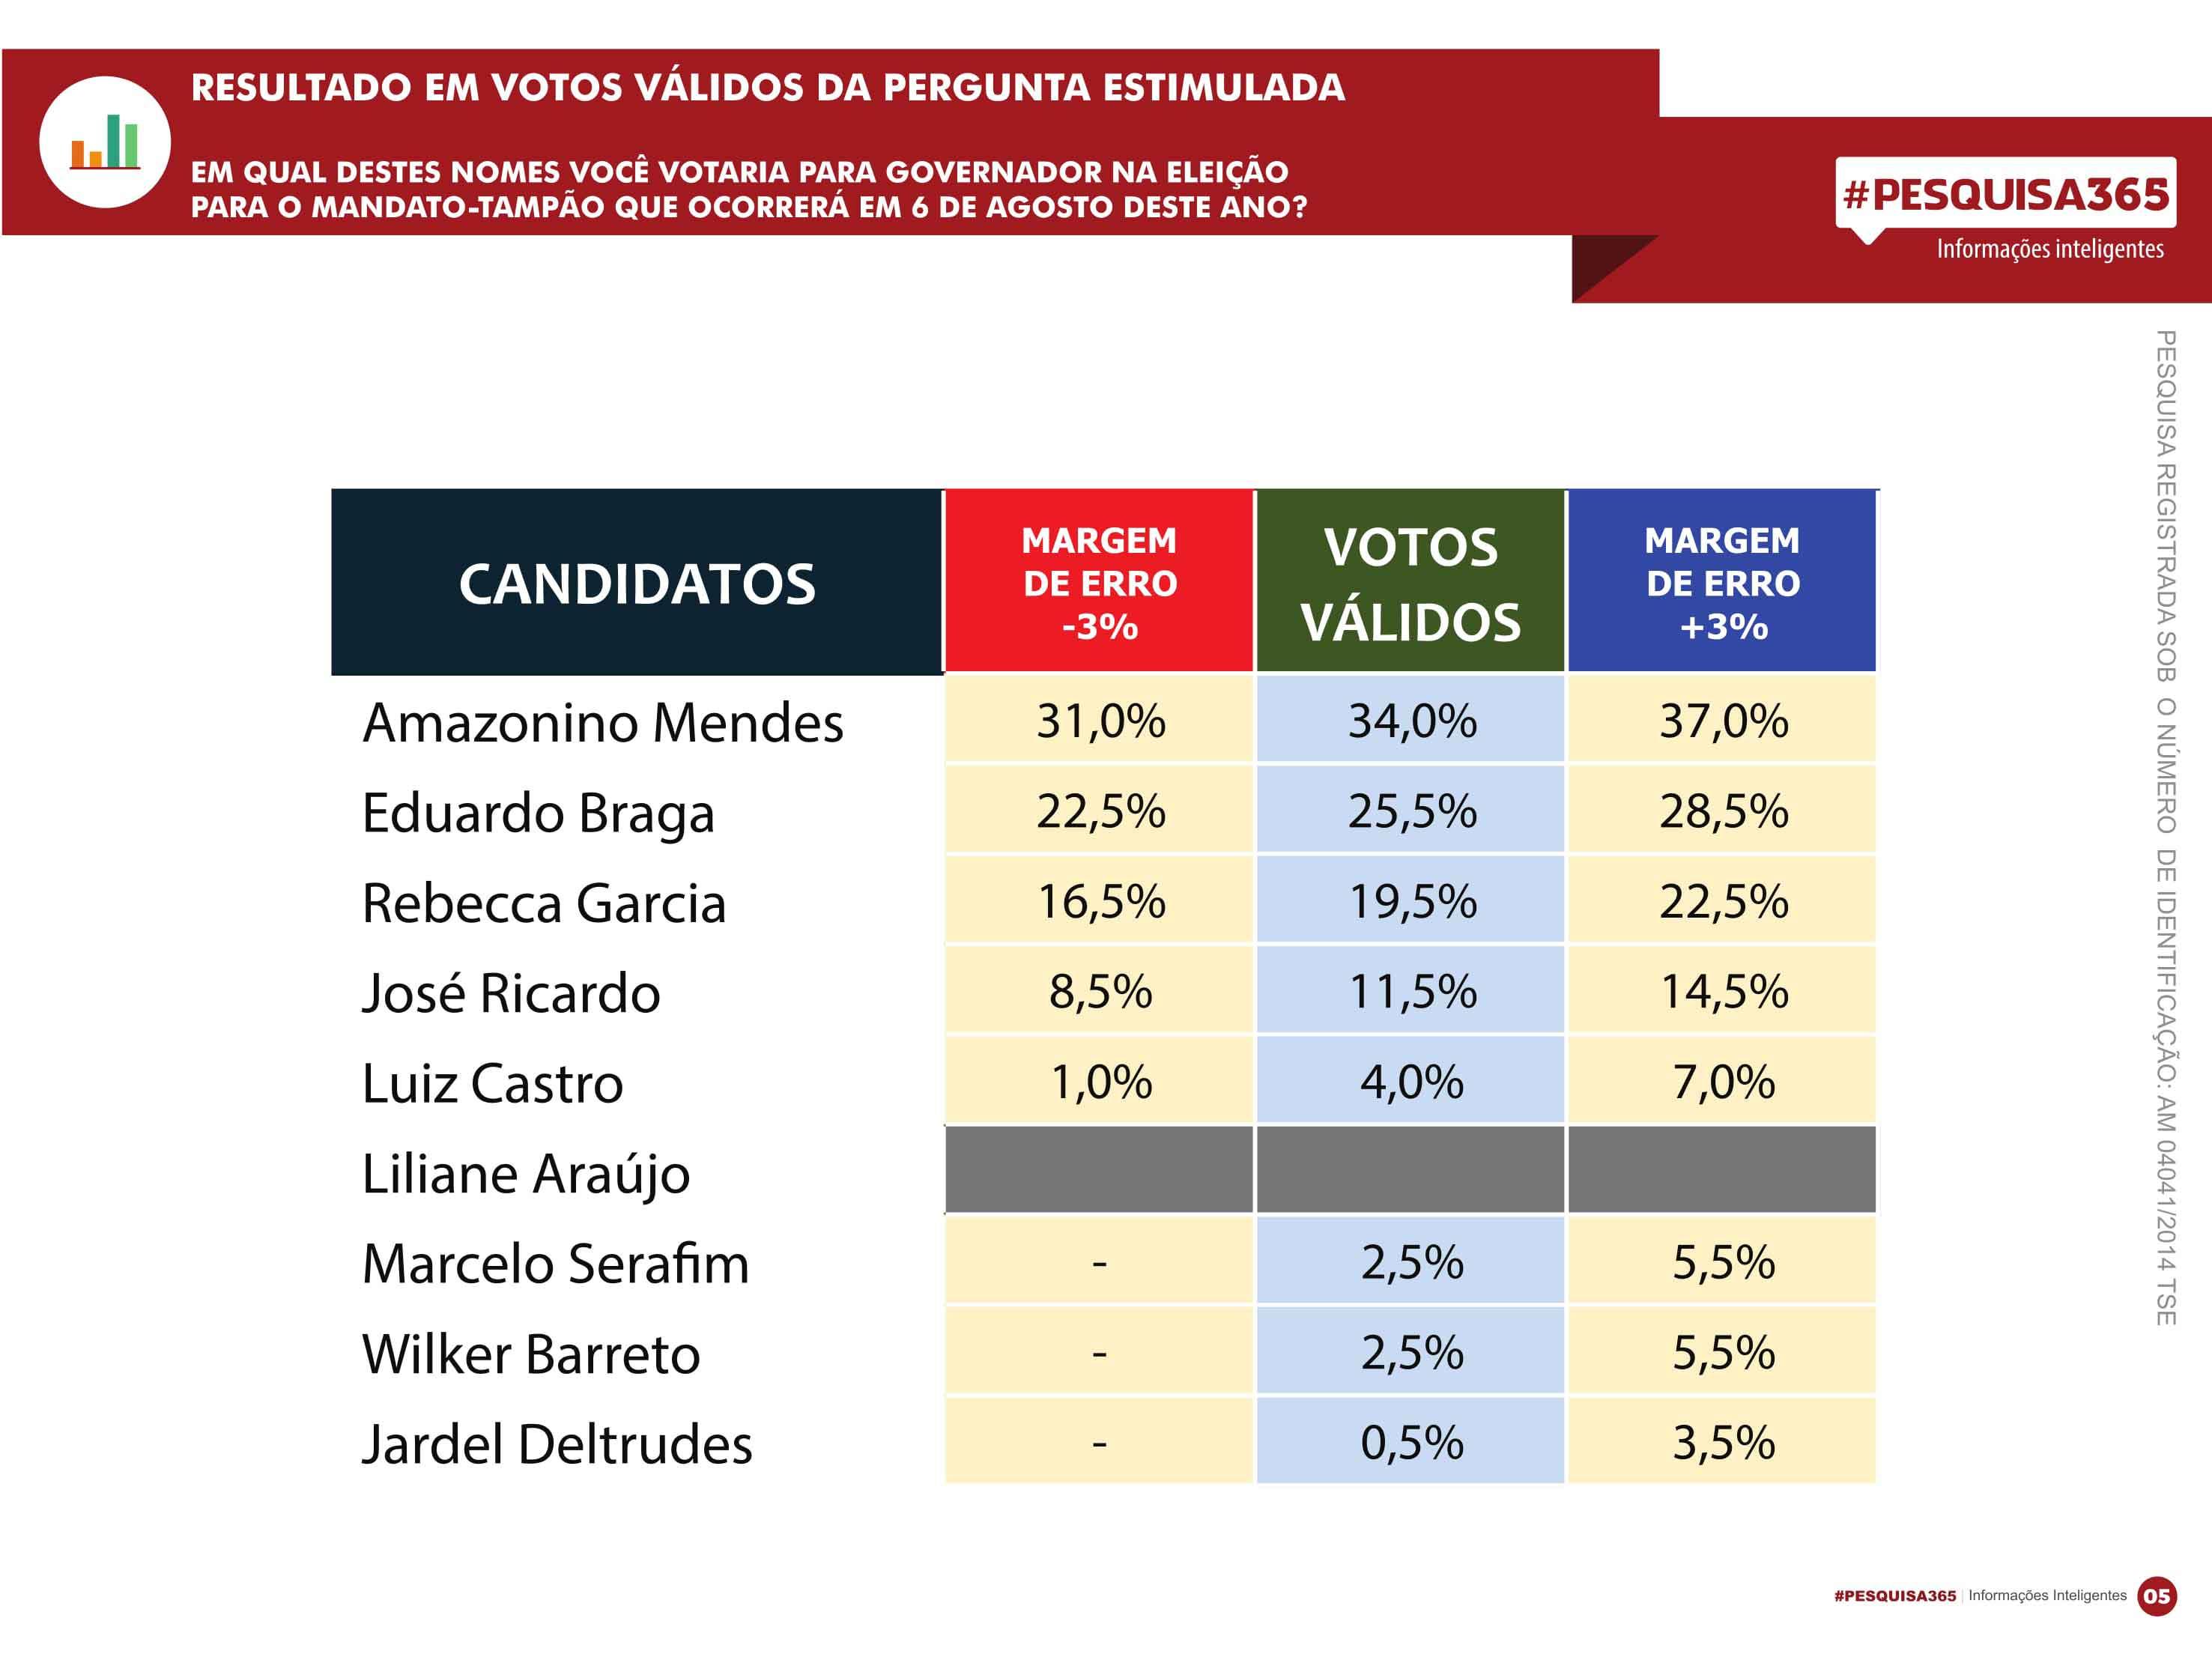 Durango Duarte - Eleição Suplementar: Amazonino Mendes e Eduardo Braga com os pés no 2º turno